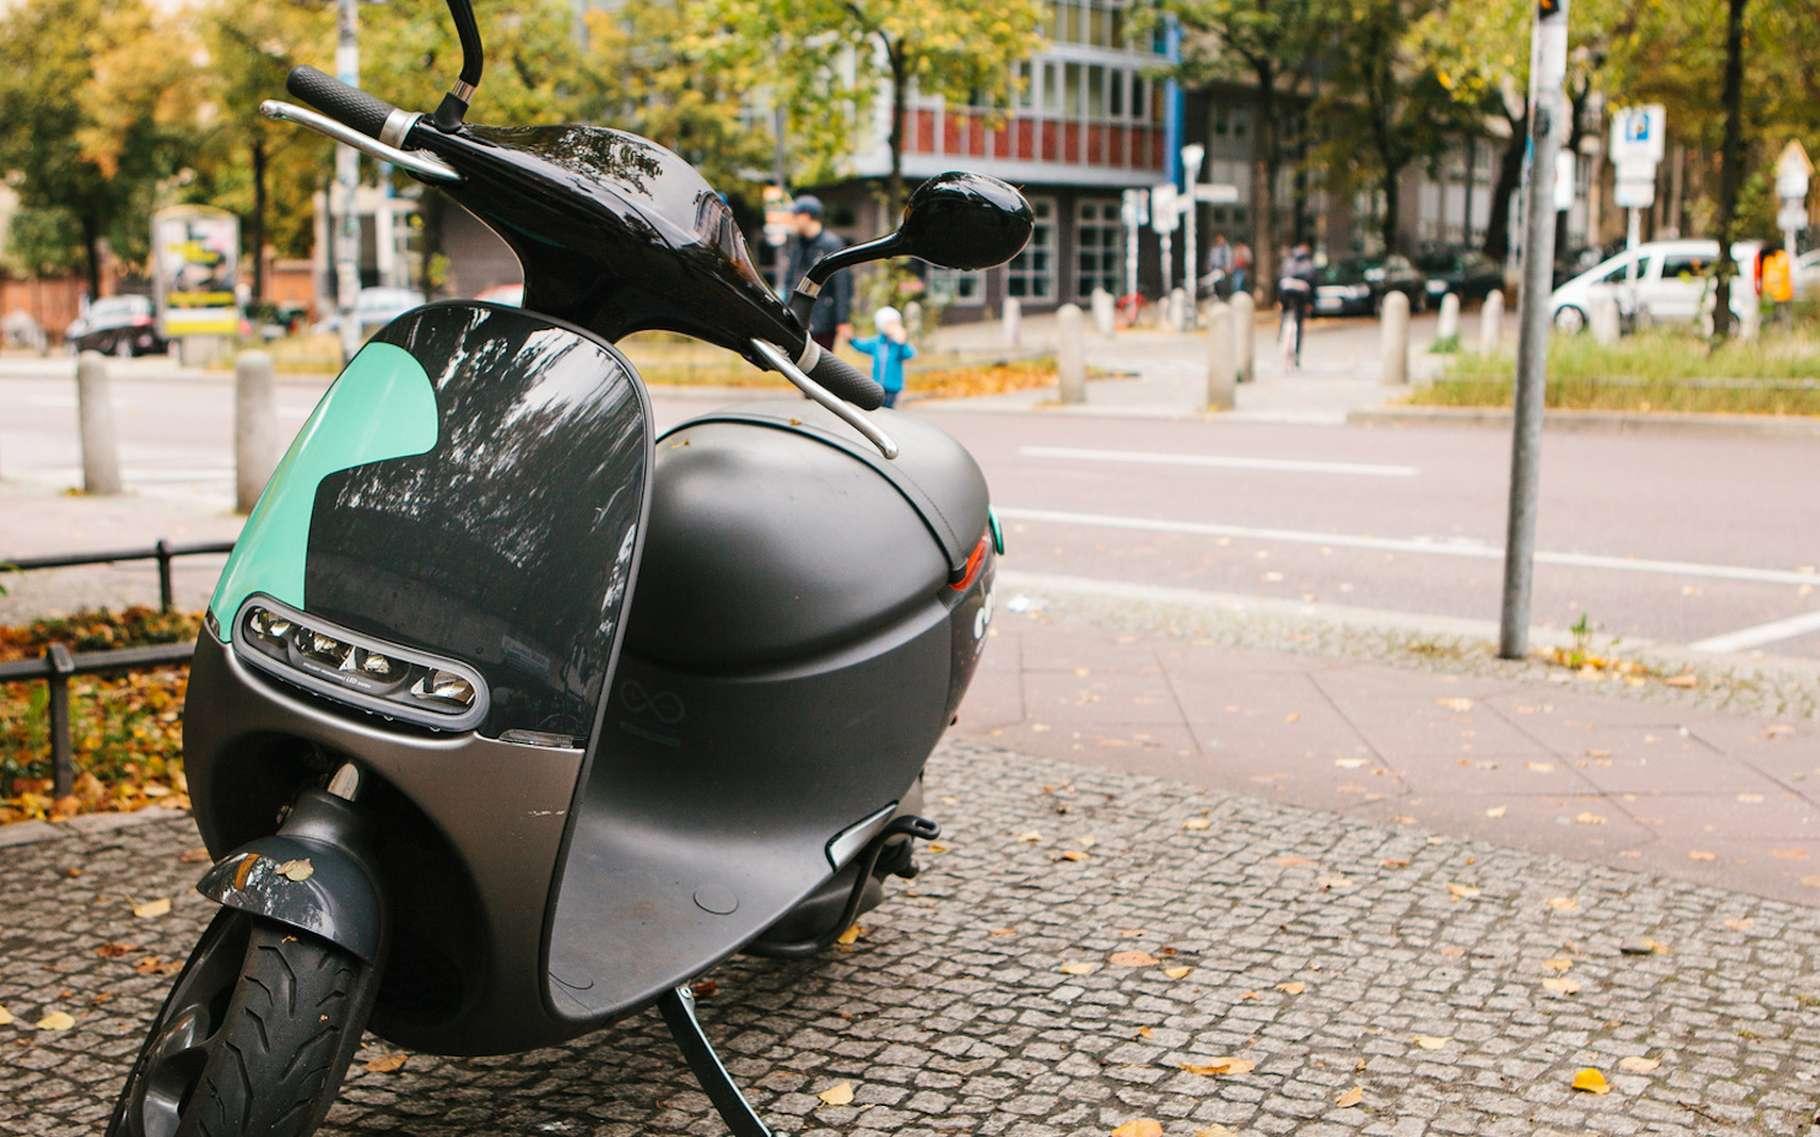 Dans les rues de Pékin, les scooters électriques constituent une large part de la flotte des véhicules en circulation. En Europe aussi, comme ici à Berlin, les citadins optent de plus en plus pour ce moyen de transport. © franz12, Fotolia